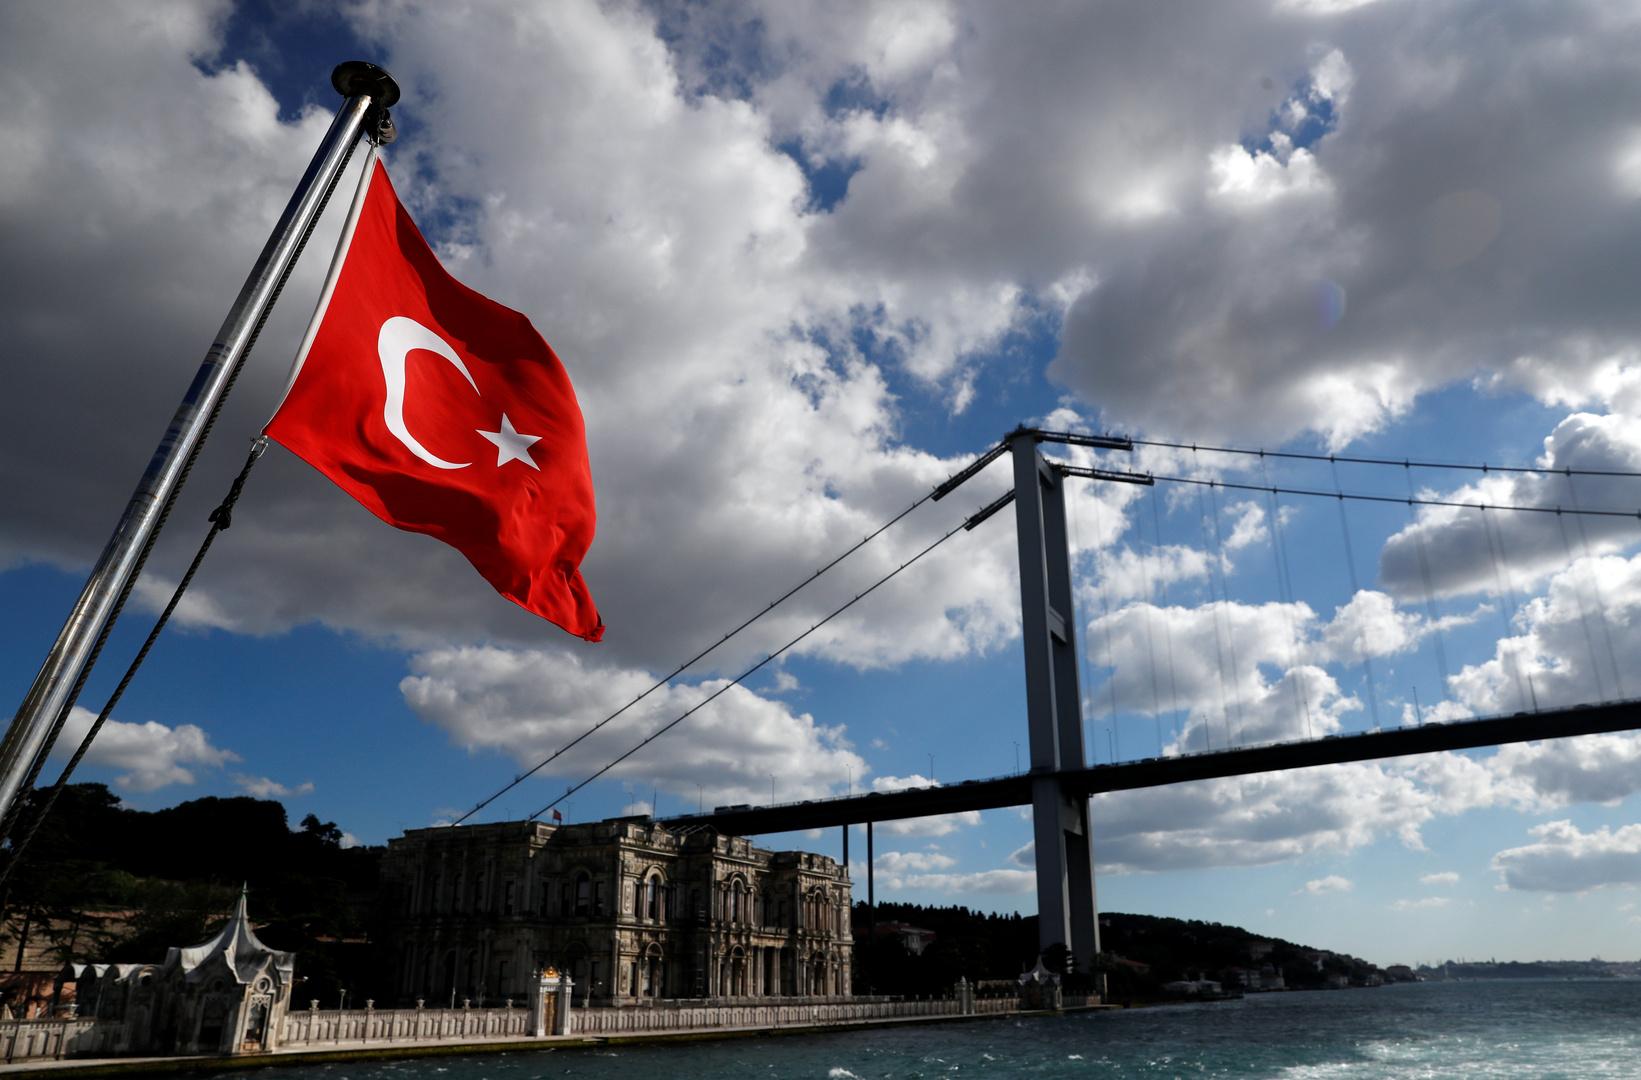 أنقرة تعلن توقيف محتال دولي في البرازيل